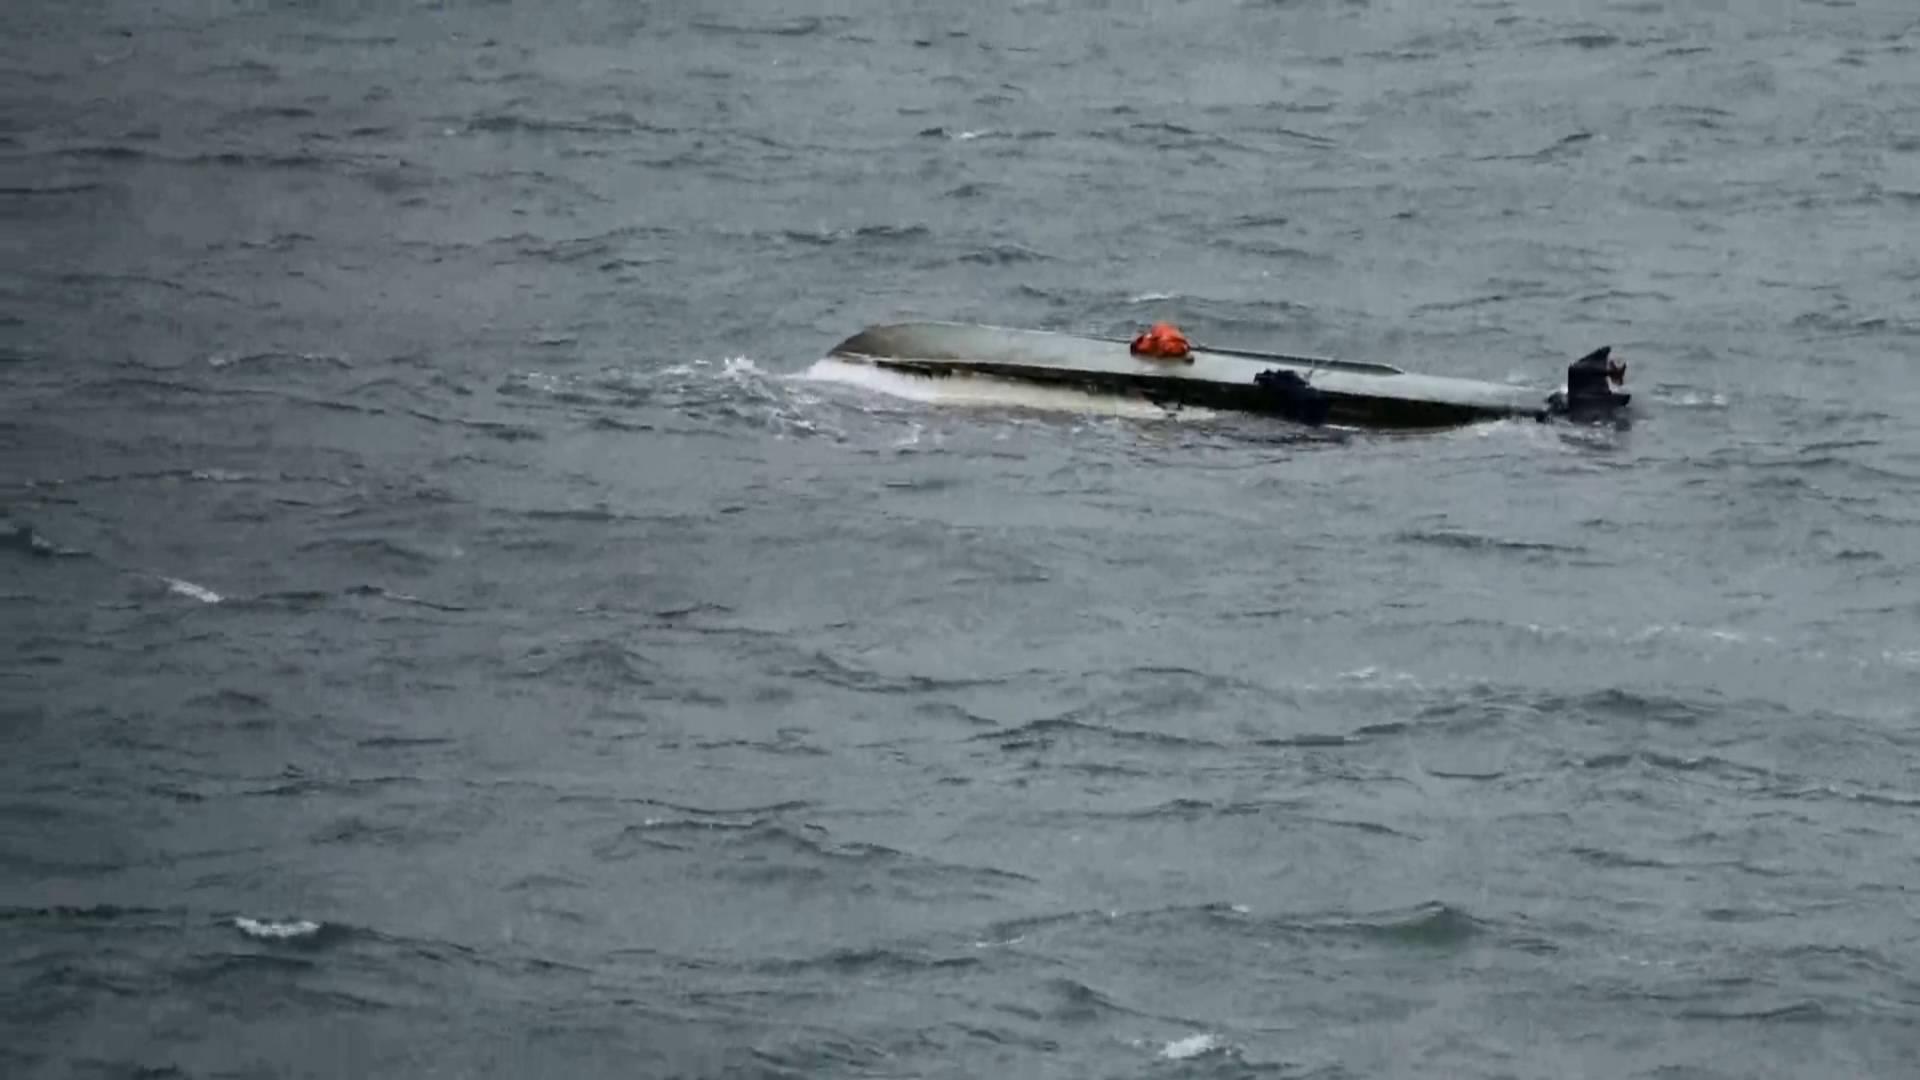 37秒丨烟台一艘船只海上翻扣3人在船体上喊救命 救援队冒低温寒潮30分钟救出